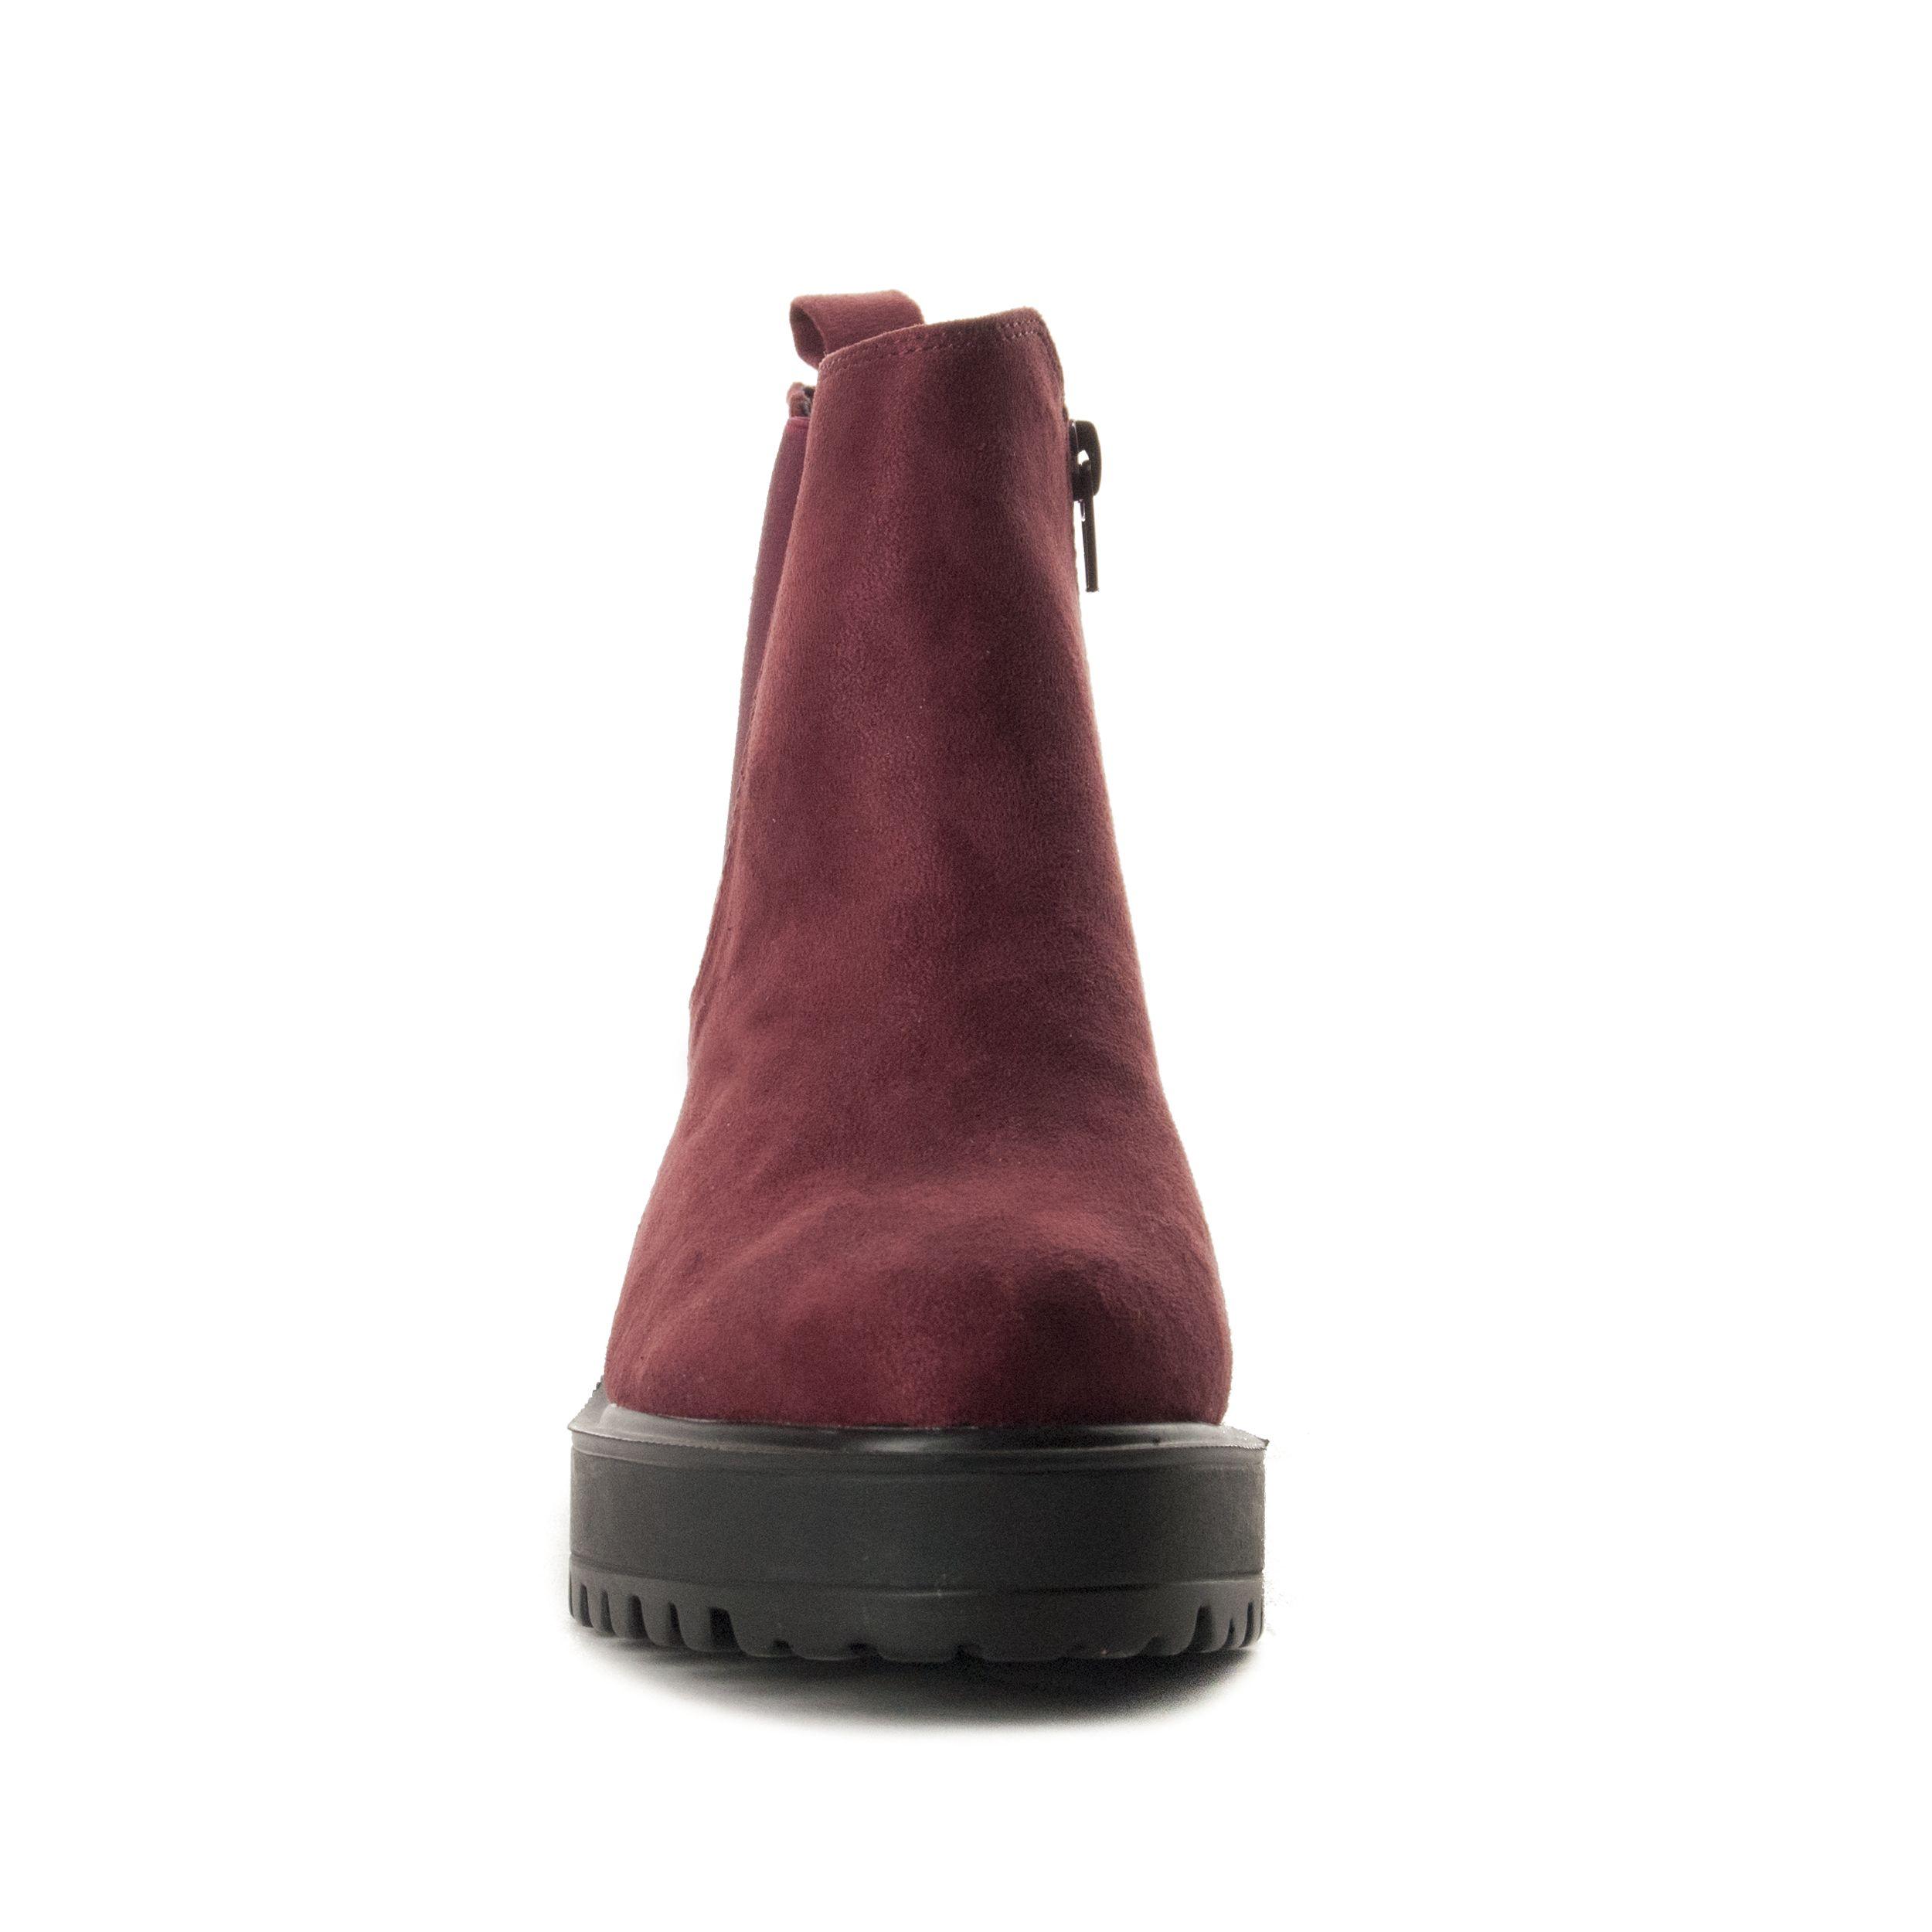 Montevita Chelsea Boot in Bordo